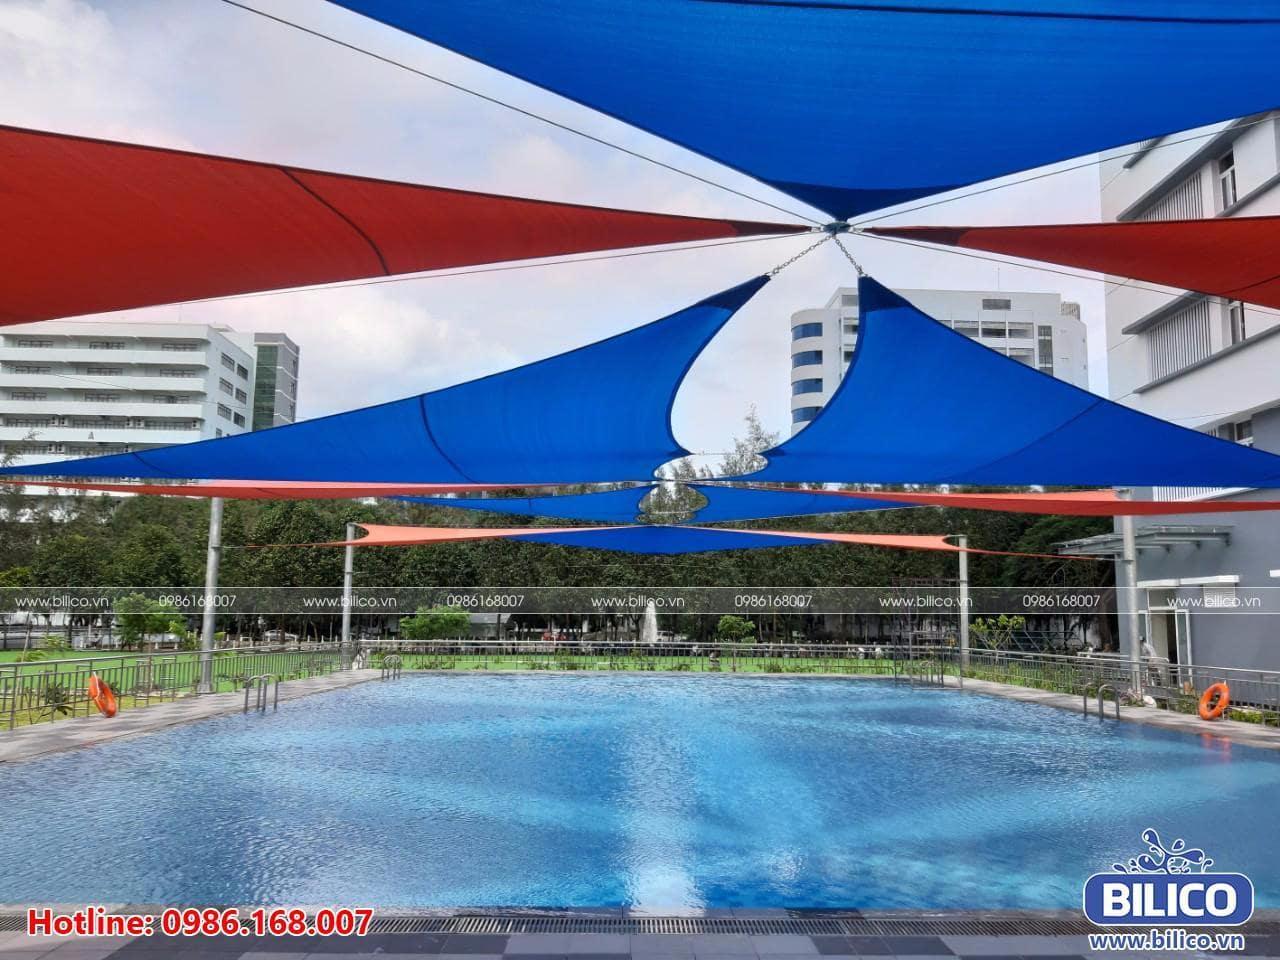 Công trình bể bơi trường Đại học Tôn Đức Thắng